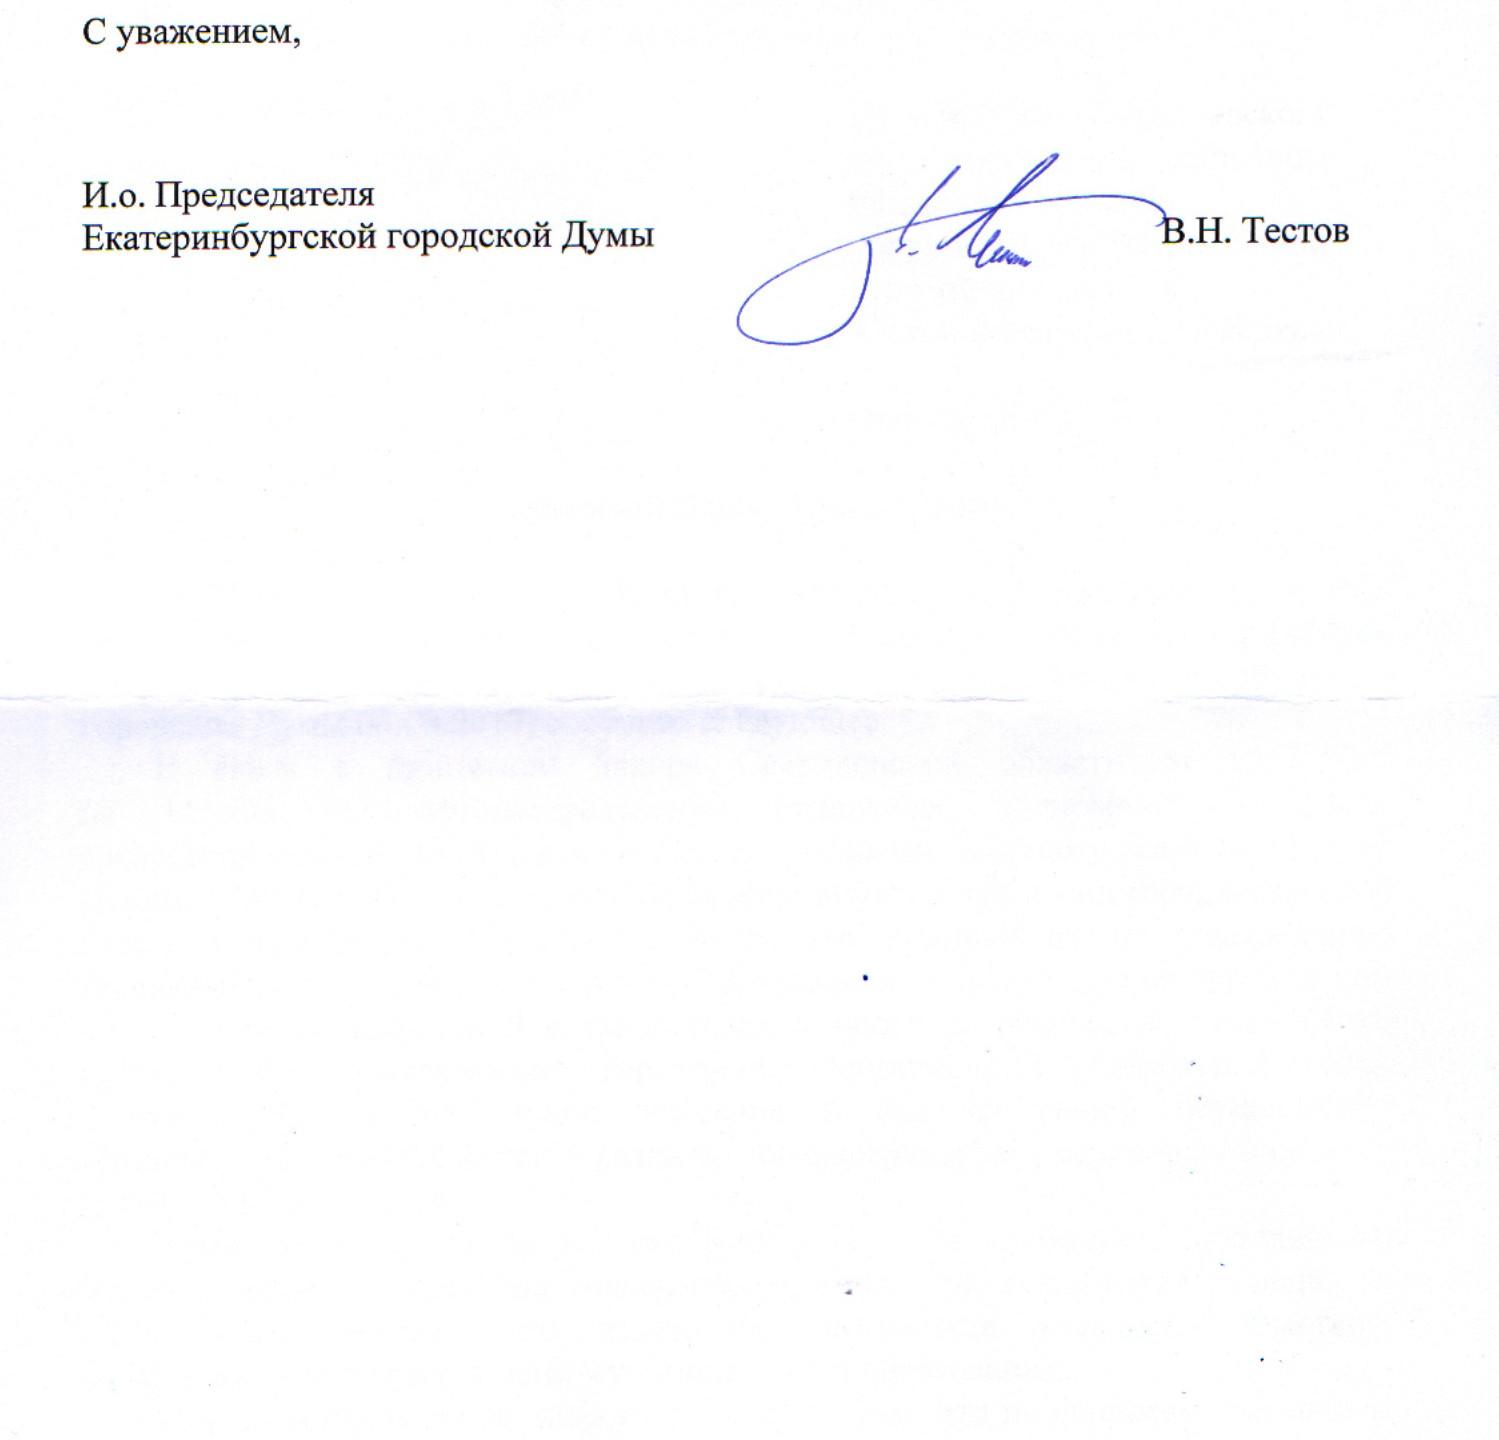 ответ ЕкатеринбургскаяГородскаяДума